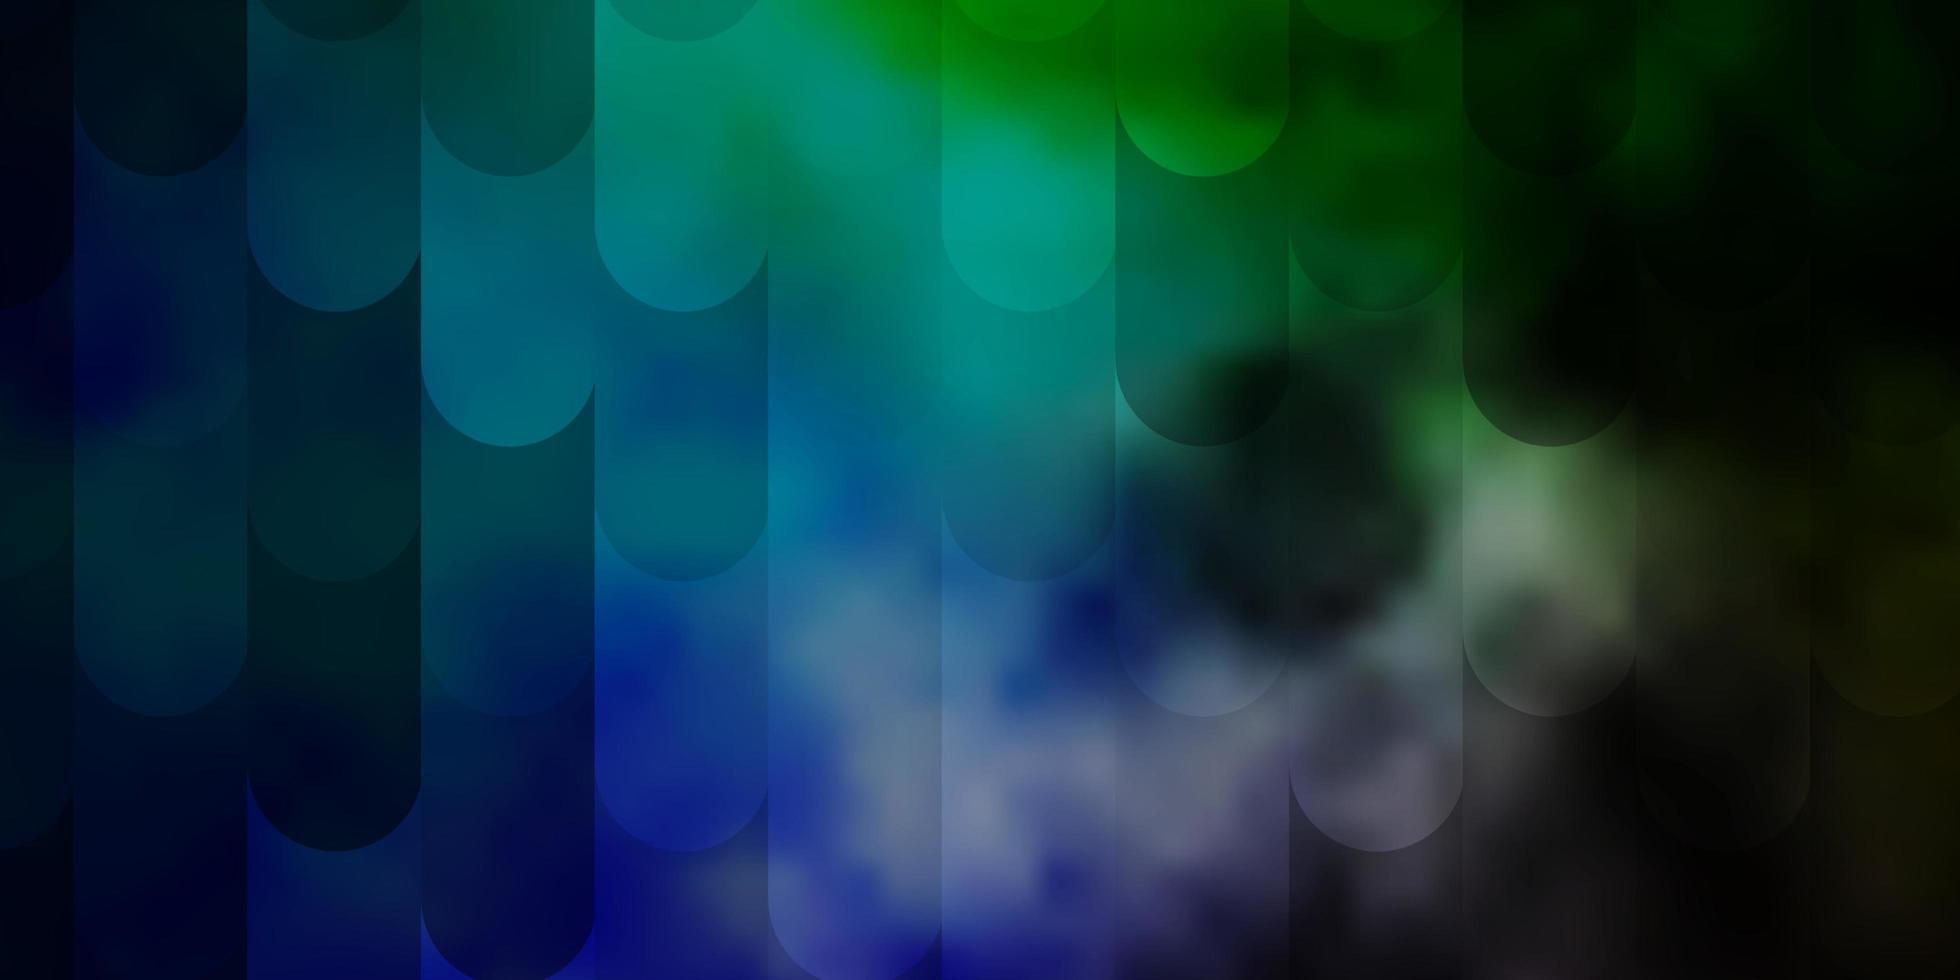 modelo de vetor azul e verde claro com linhas.